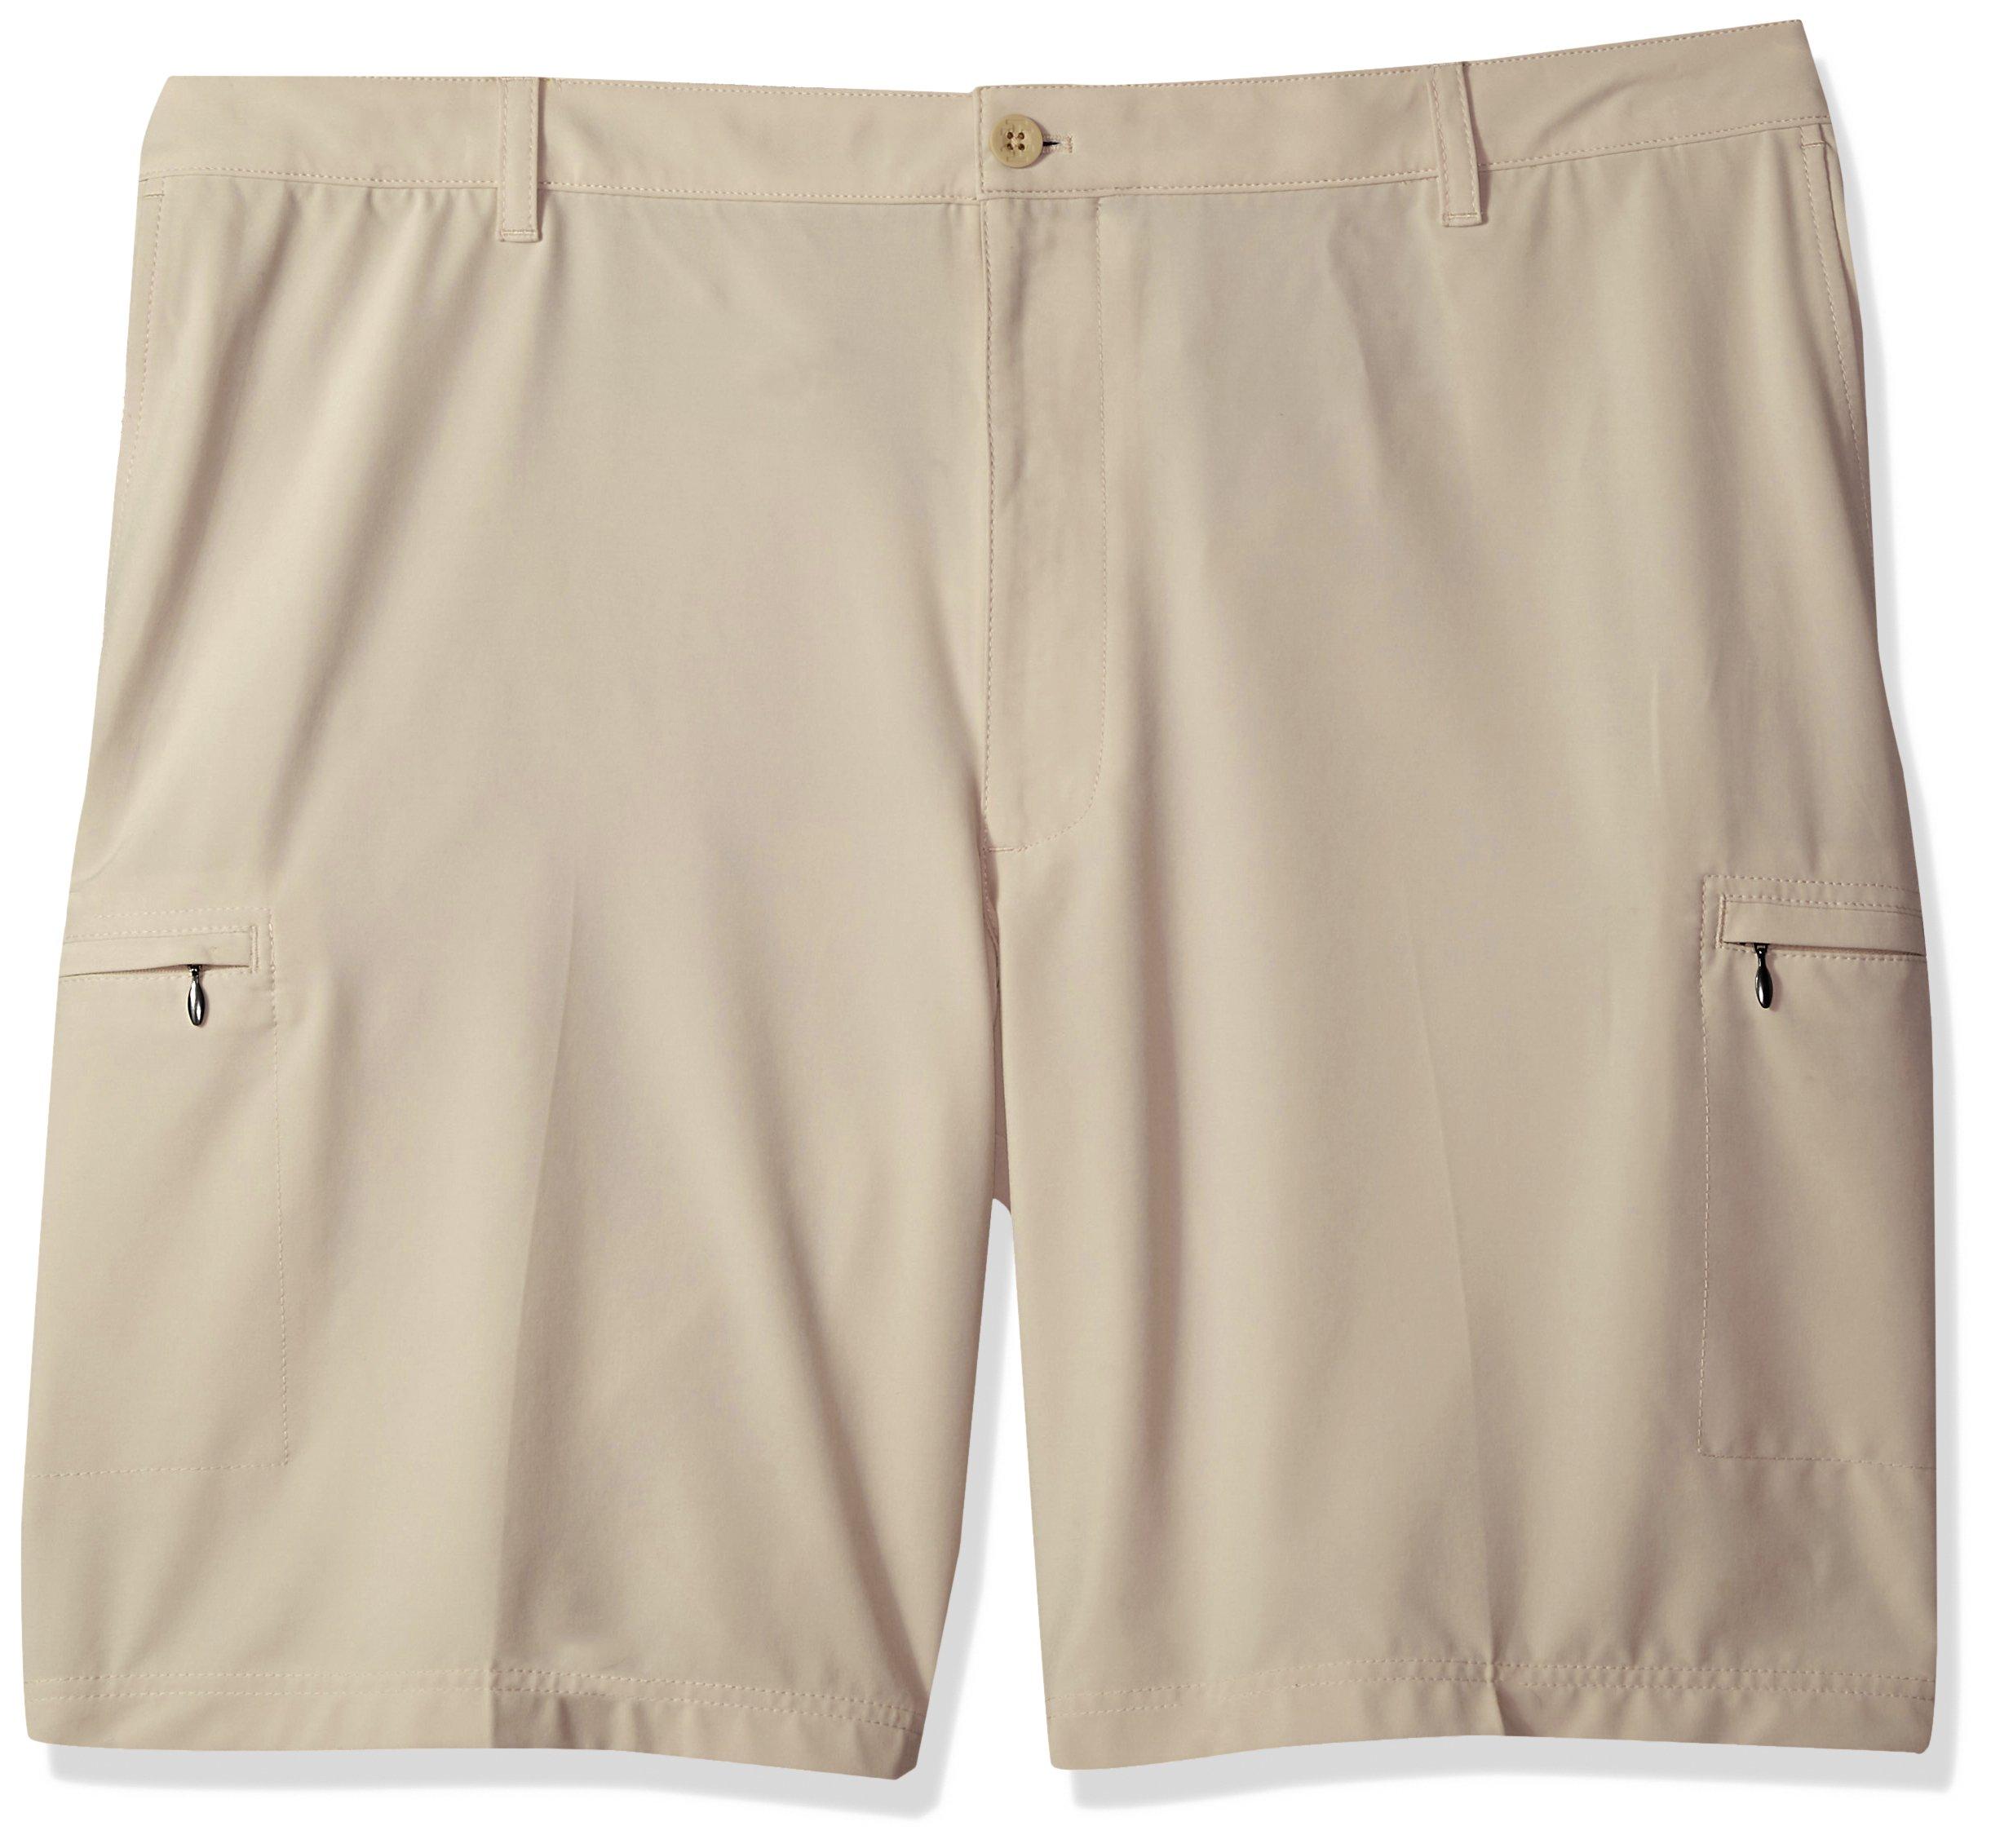 IZOD Men's Big and Tall Swing Flex Cargo Short, Peacoat/Beige, 50